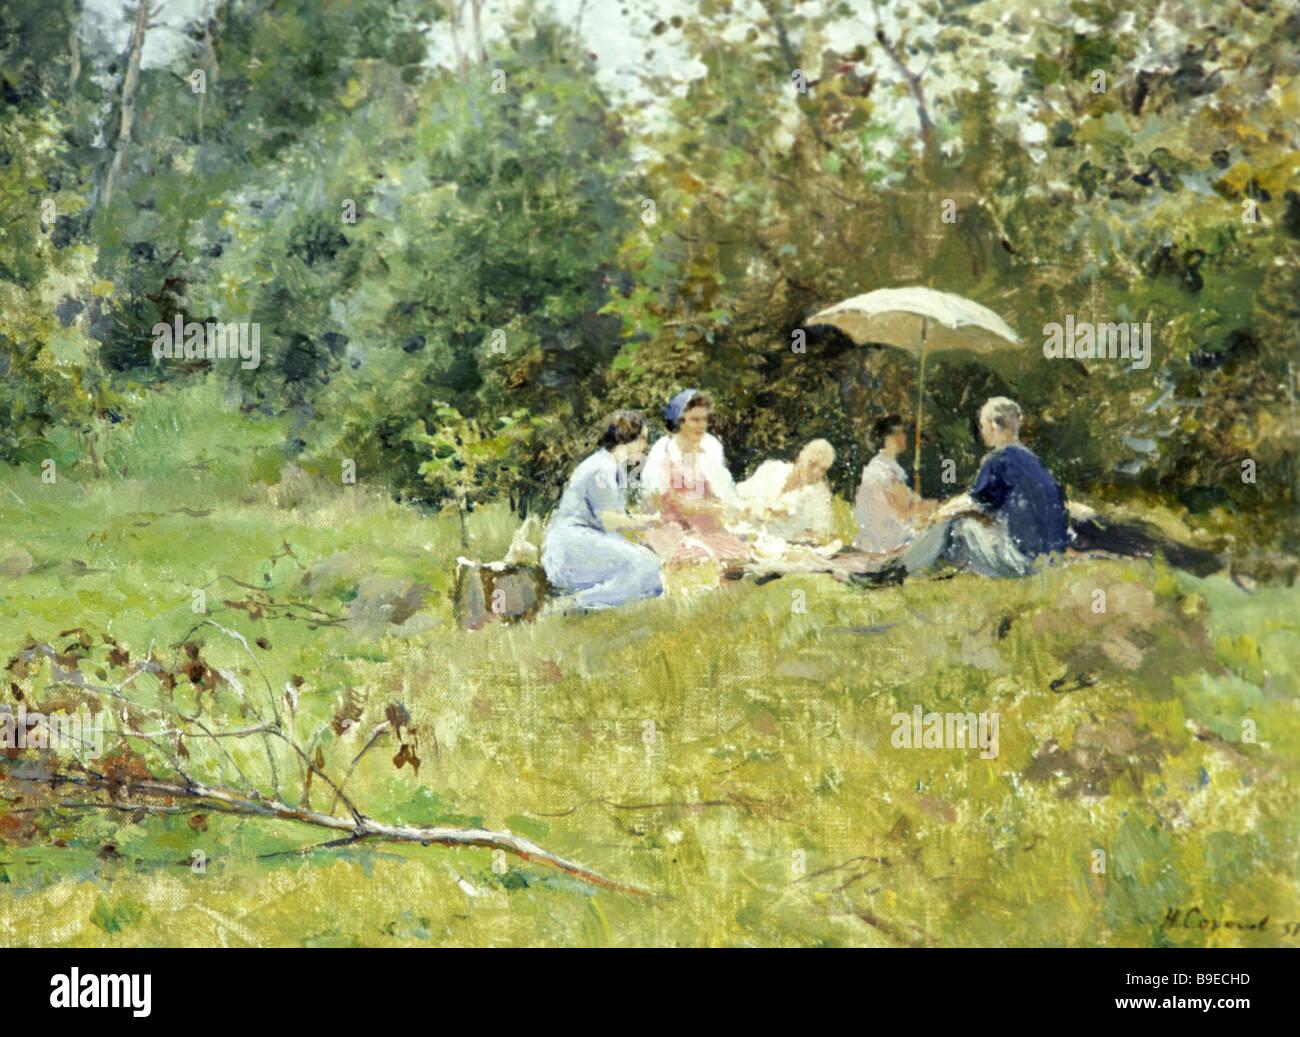 sokolov painting stock photos